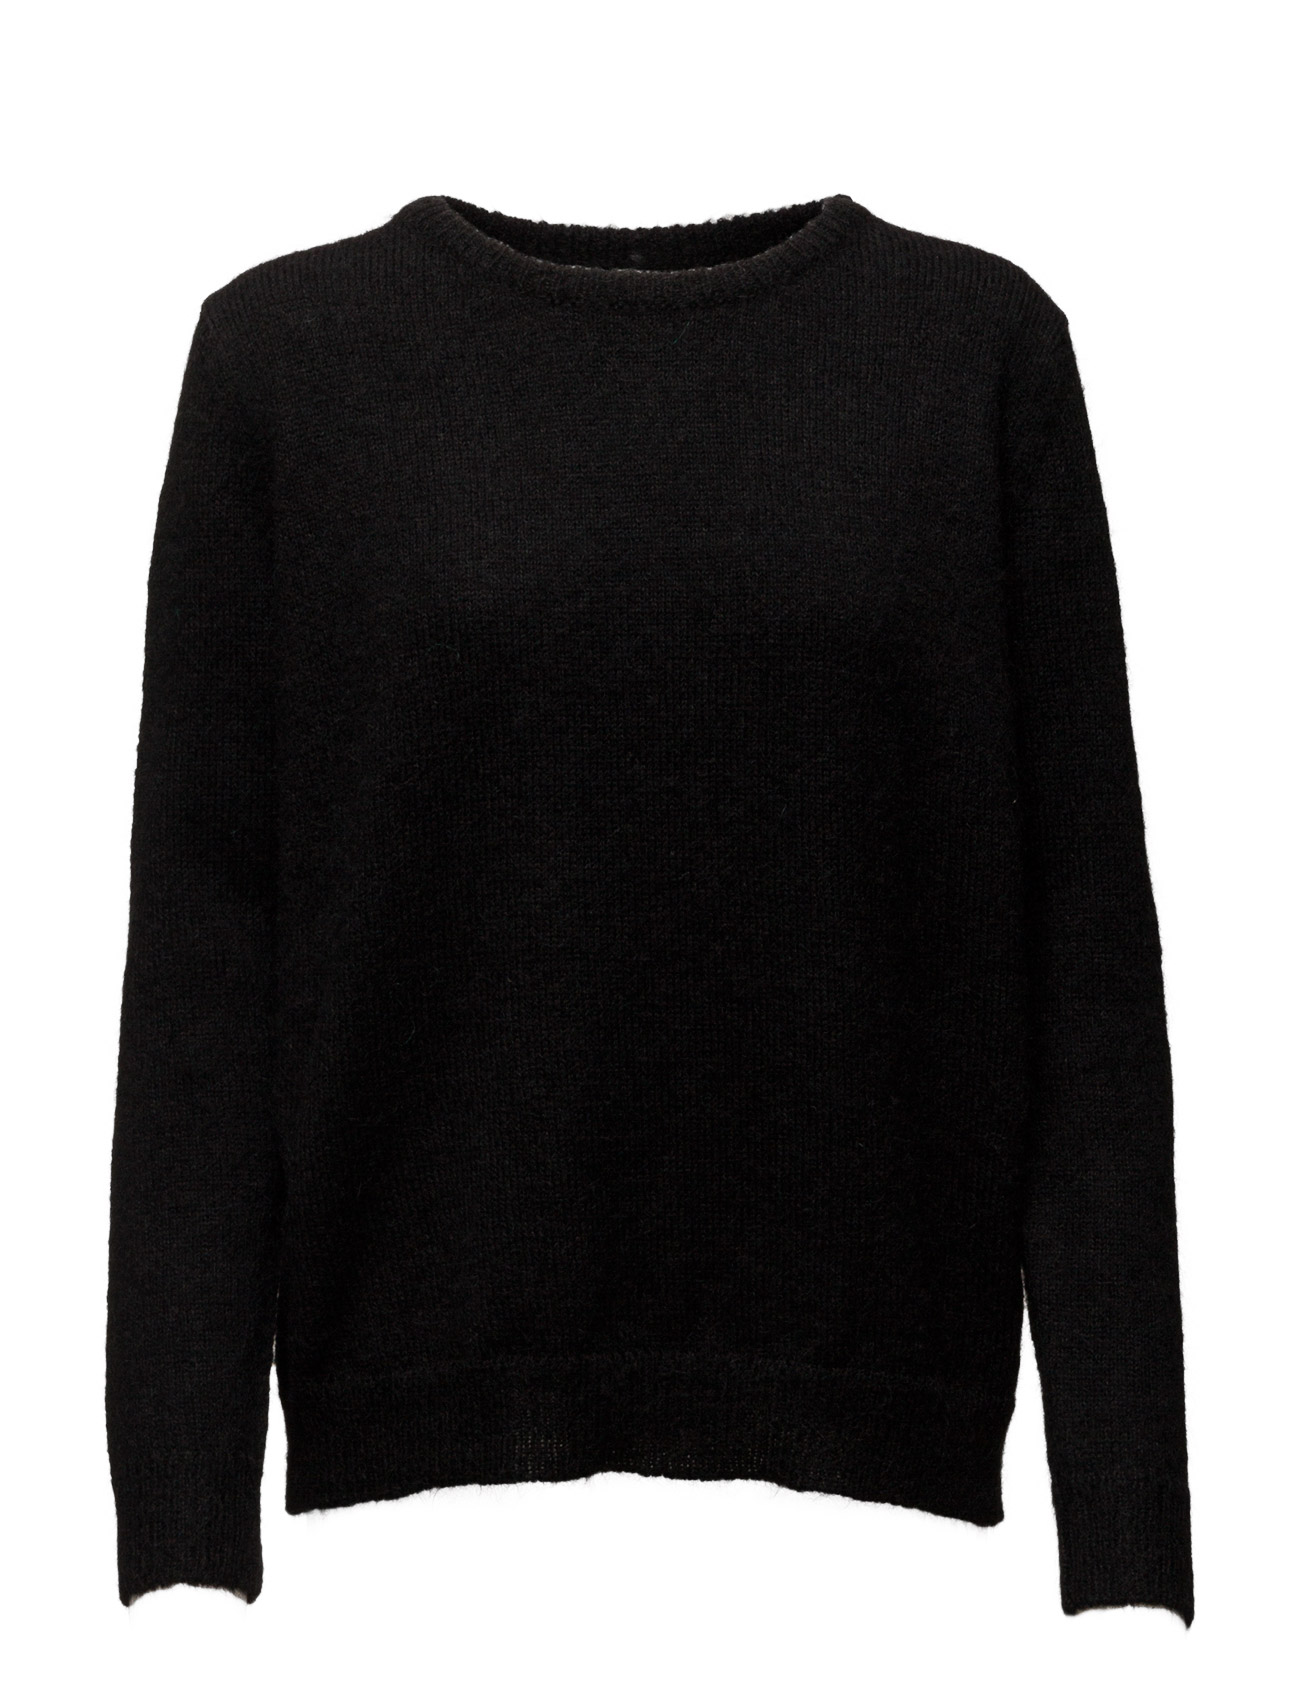 Vivienne Whyred Sweatshirts til Kvinder i Sort